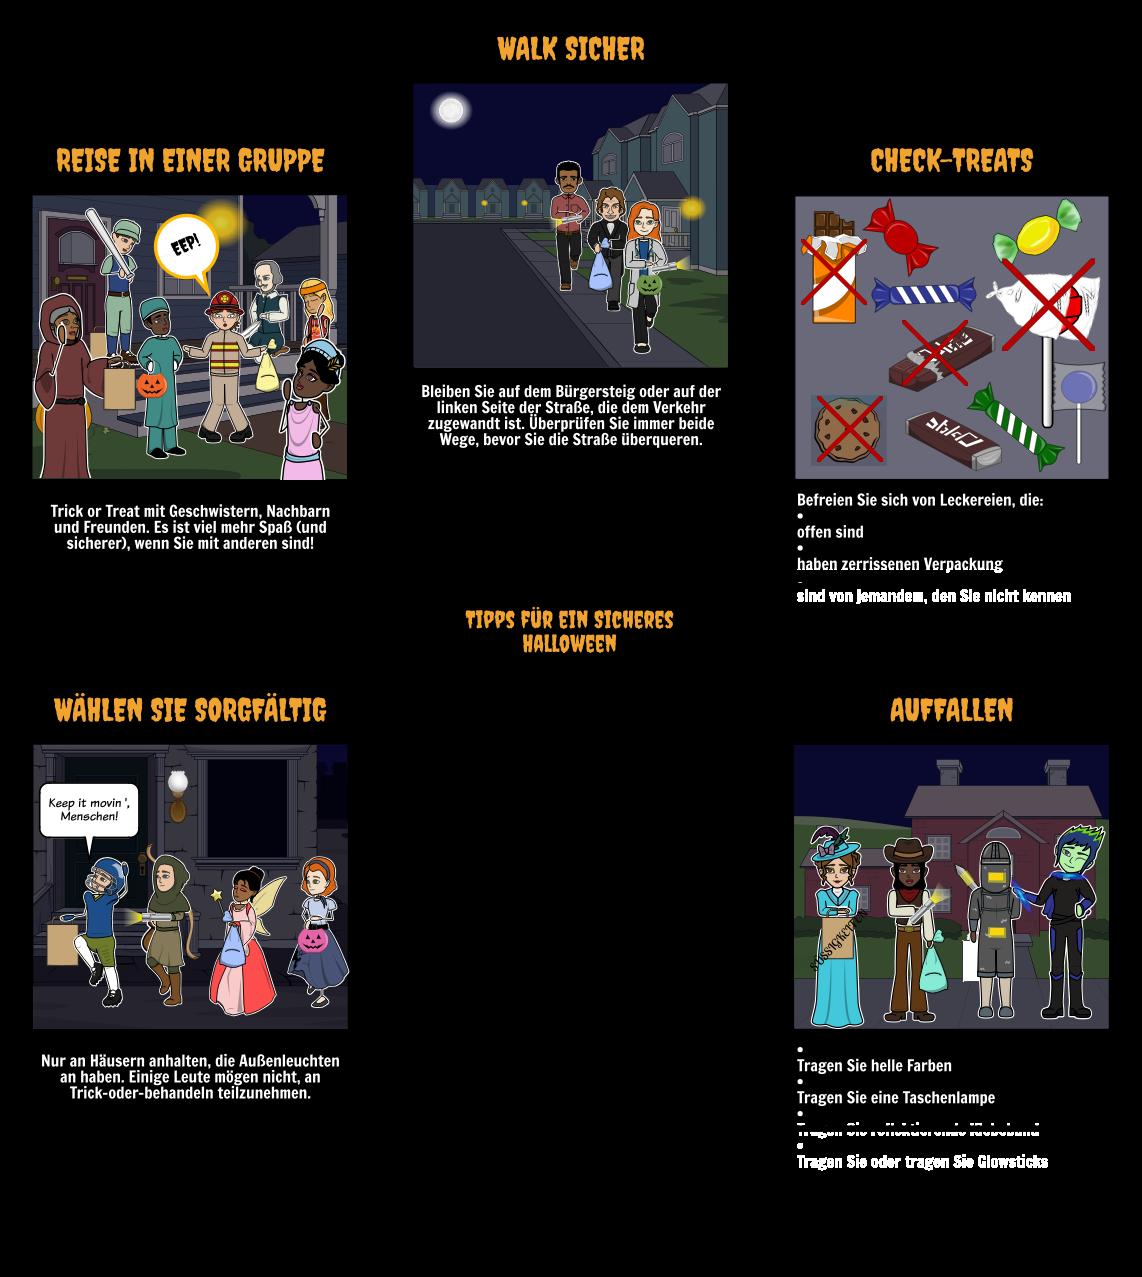 Halloween Aktivitäten - Sicherheit